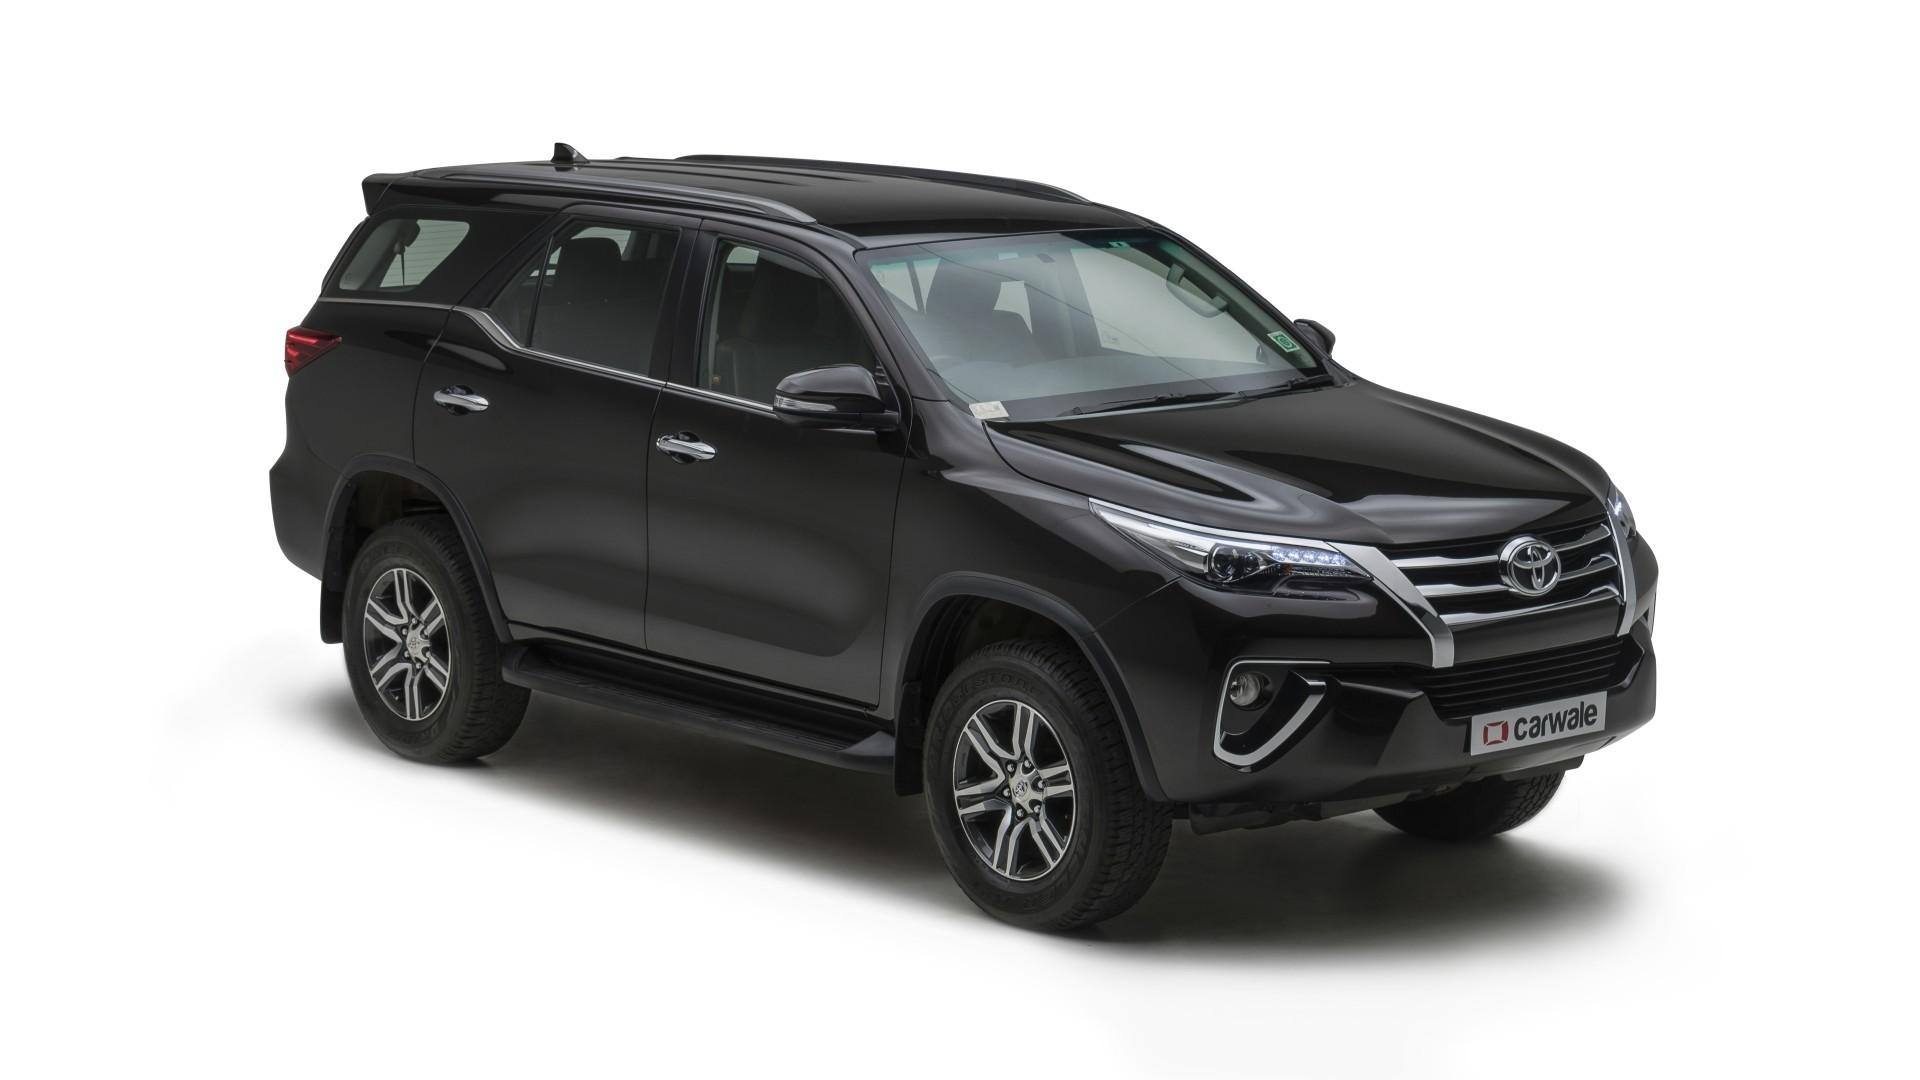 Toyota-Fortuner-Exterior-118798